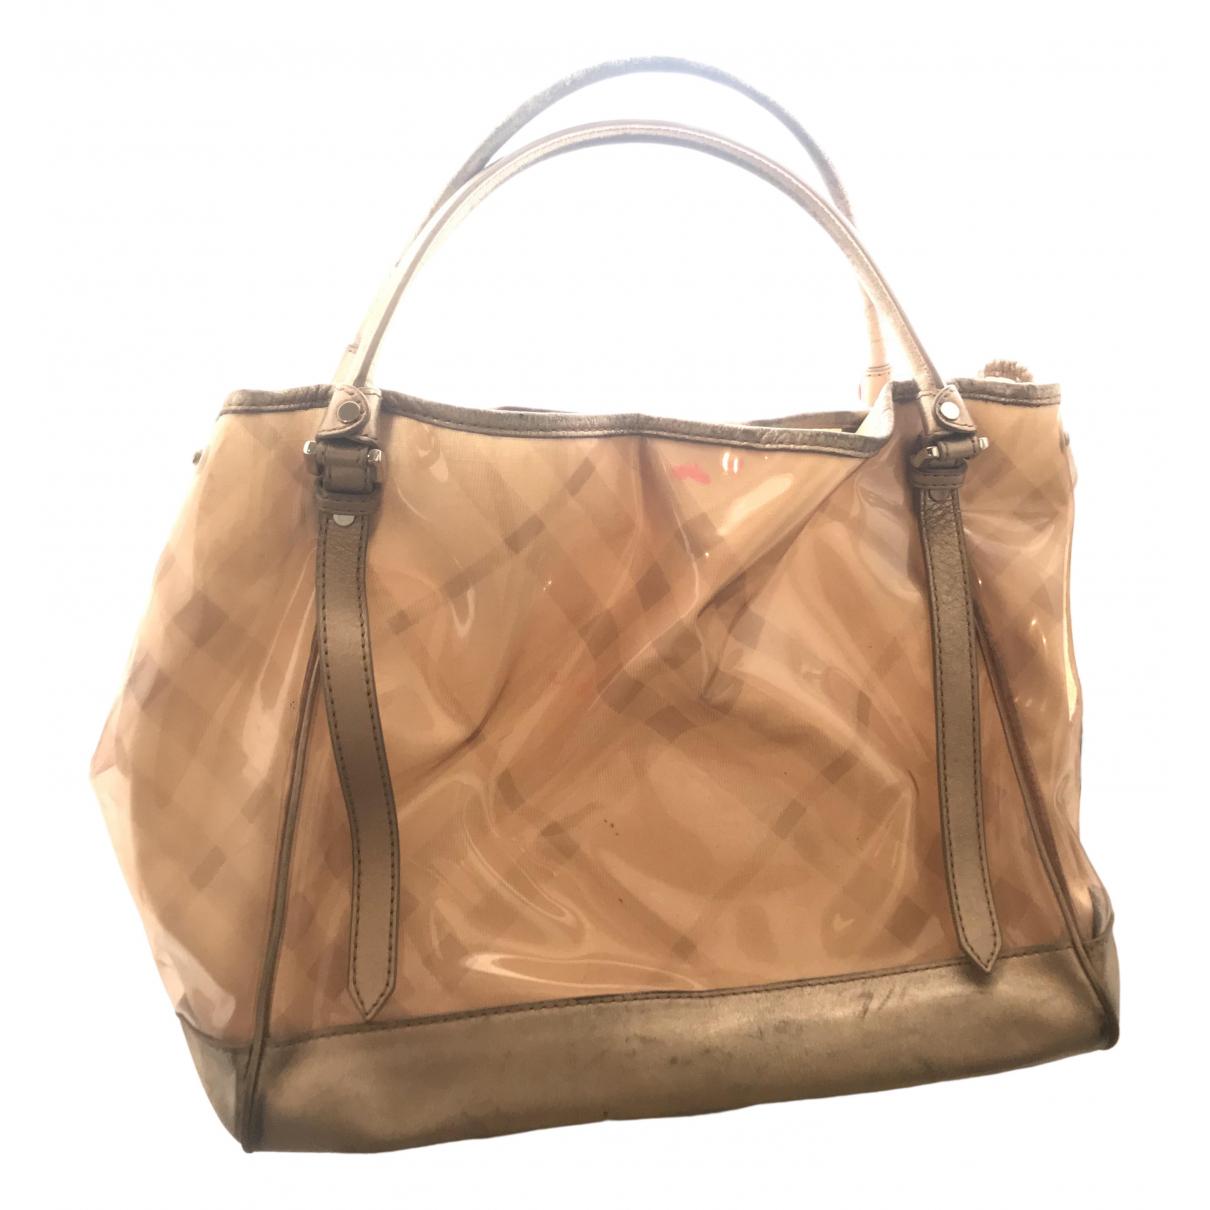 Burberry \N Gold handbag for Women \N